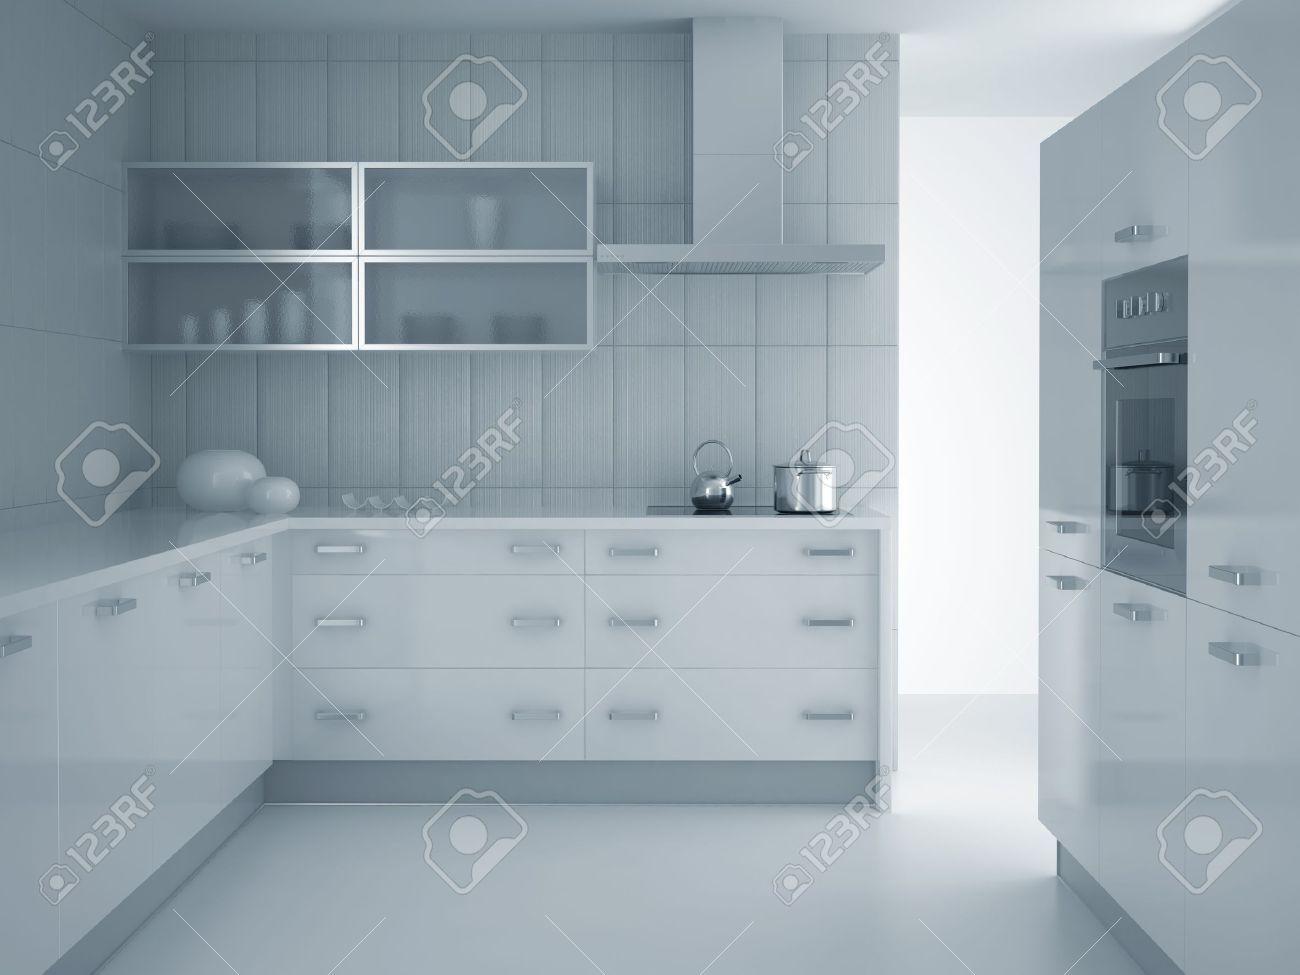 3D Render Of Modern Grau Blau Küche Lizenzfreie Fotos, Bilder Und ...